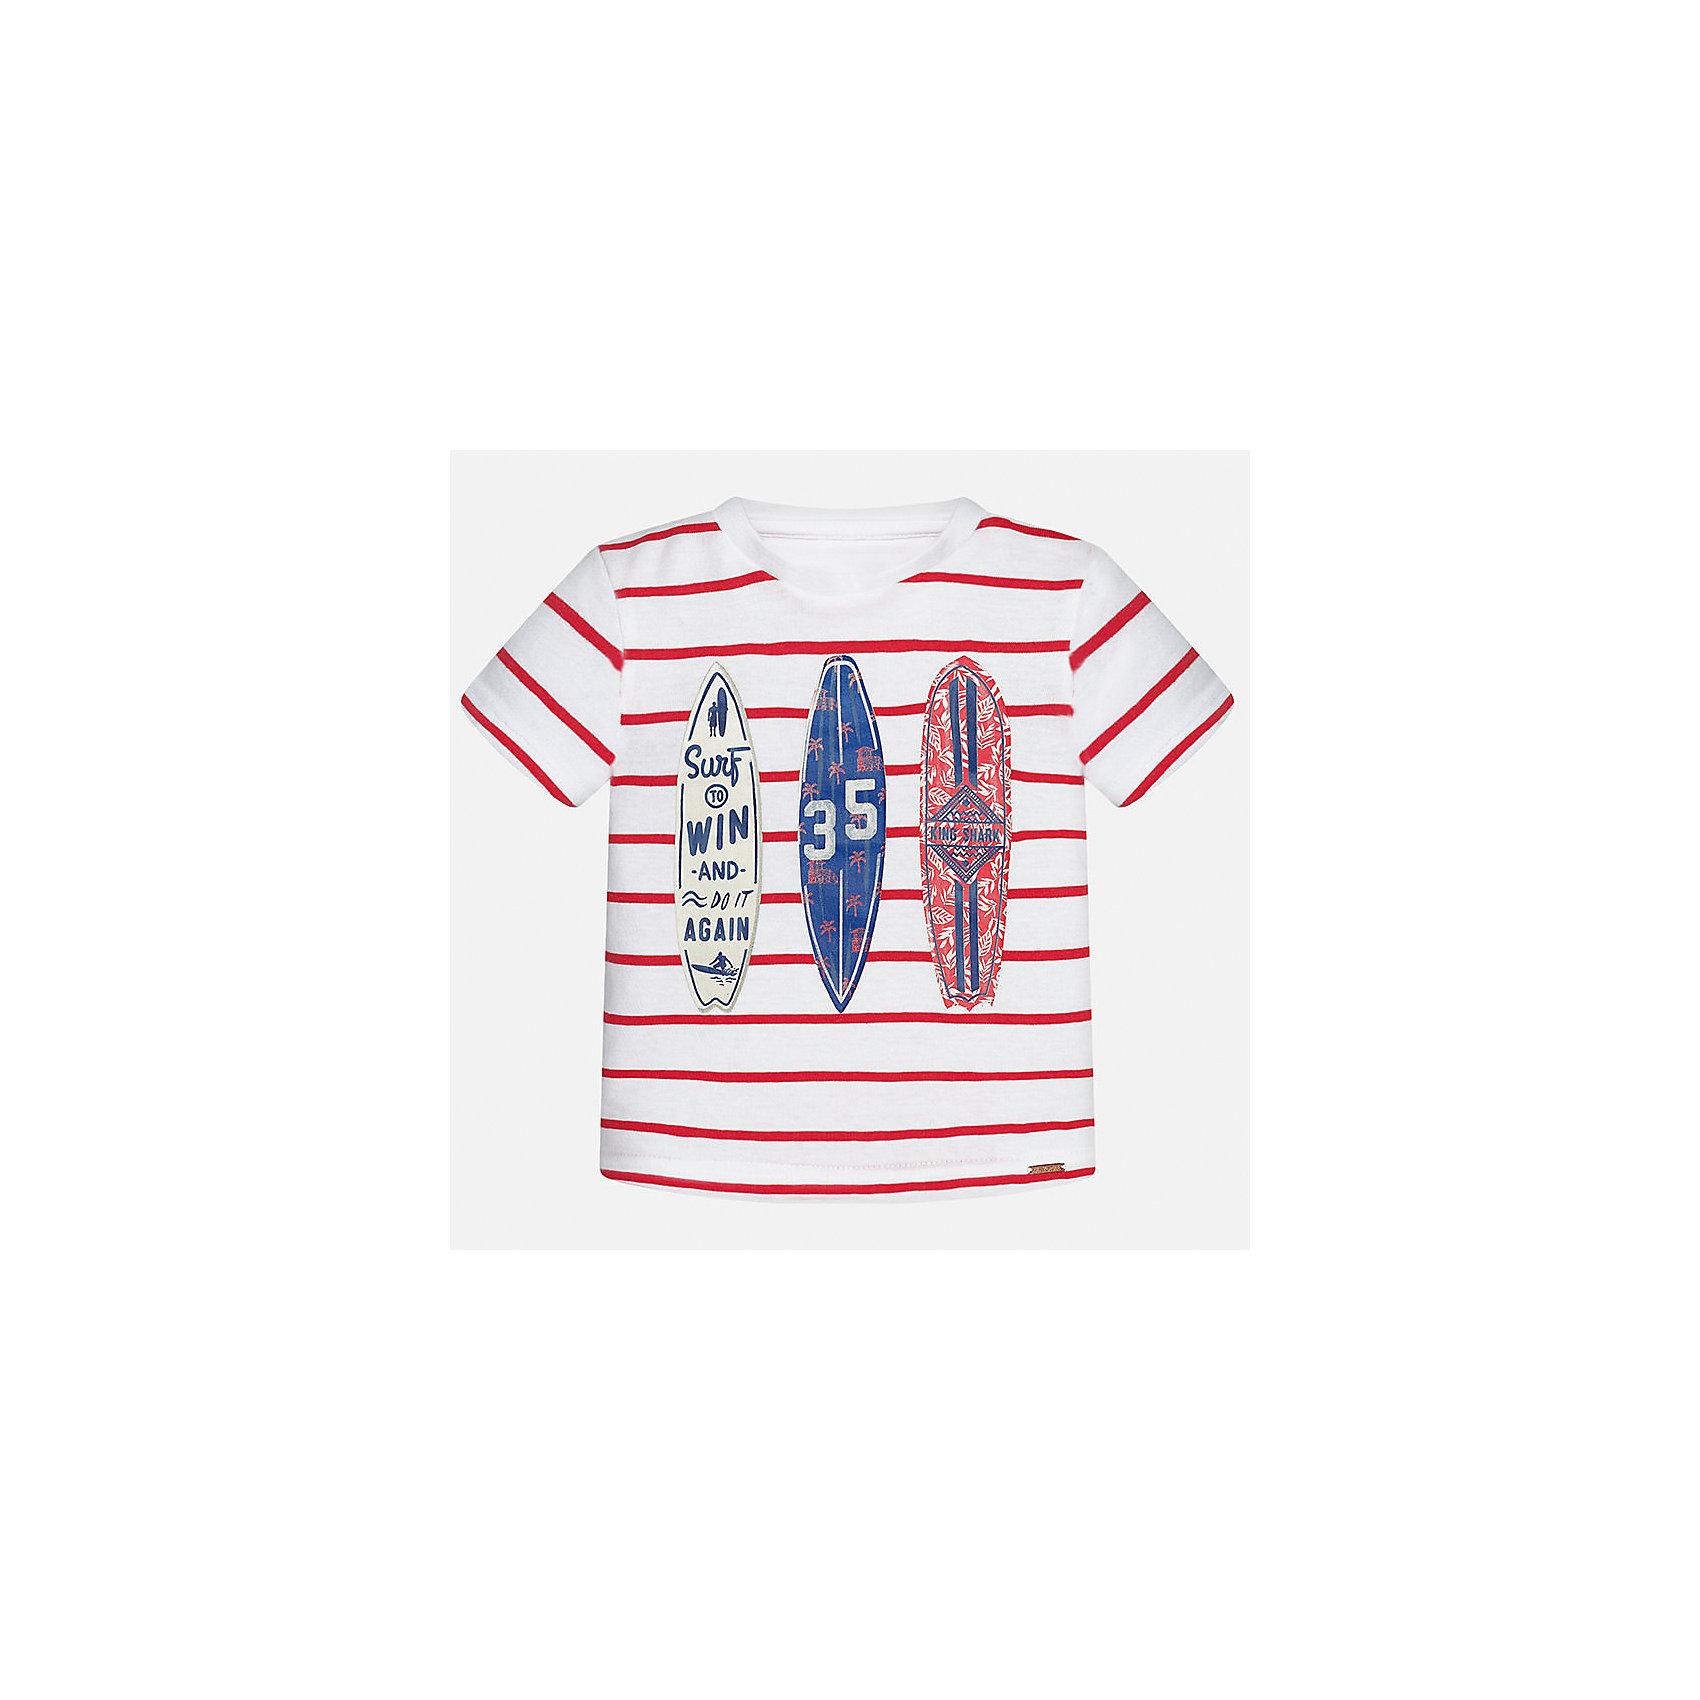 Футболка для мальчика MayoralФутболки, топы<br>Характеристики товара:<br><br>• цвет: белый/красный<br>• состав: 100% хлопок<br>• круглый горловой вырез<br>• декорирована принтом<br>• короткие рукава<br>• мягкая отделка горловины<br>• страна бренда: Испания<br><br>Стильная удобная футболка с принтом поможет разнообразить гардероб мальчика. Она отлично сочетается с брюками, шортами, джинсами. Универсальный крой и цвет позволяет подобрать к вещи низ разных расцветок. Практичное и стильное изделие! Хорошо смотрится и комфортно сидит на детях. В составе материала - натуральный хлопок, гипоаллергенный, приятный на ощупь, дышащий. <br><br>Одежда, обувь и аксессуары от испанского бренда Mayoral полюбились детям и взрослым по всему миру. Модели этой марки - стильные и удобные. Для их производства используются только безопасные, качественные материалы и фурнитура. Порадуйте ребенка модными и красивыми вещами от Mayoral! <br><br>Футболку для мальчика от испанского бренда Mayoral (Майорал) можно купить в нашем интернет-магазине.<br><br>Ширина мм: 199<br>Глубина мм: 10<br>Высота мм: 161<br>Вес г: 151<br>Цвет: красный<br>Возраст от месяцев: 12<br>Возраст до месяцев: 15<br>Пол: Мужской<br>Возраст: Детский<br>Размер: 80,92,86<br>SKU: 5278441